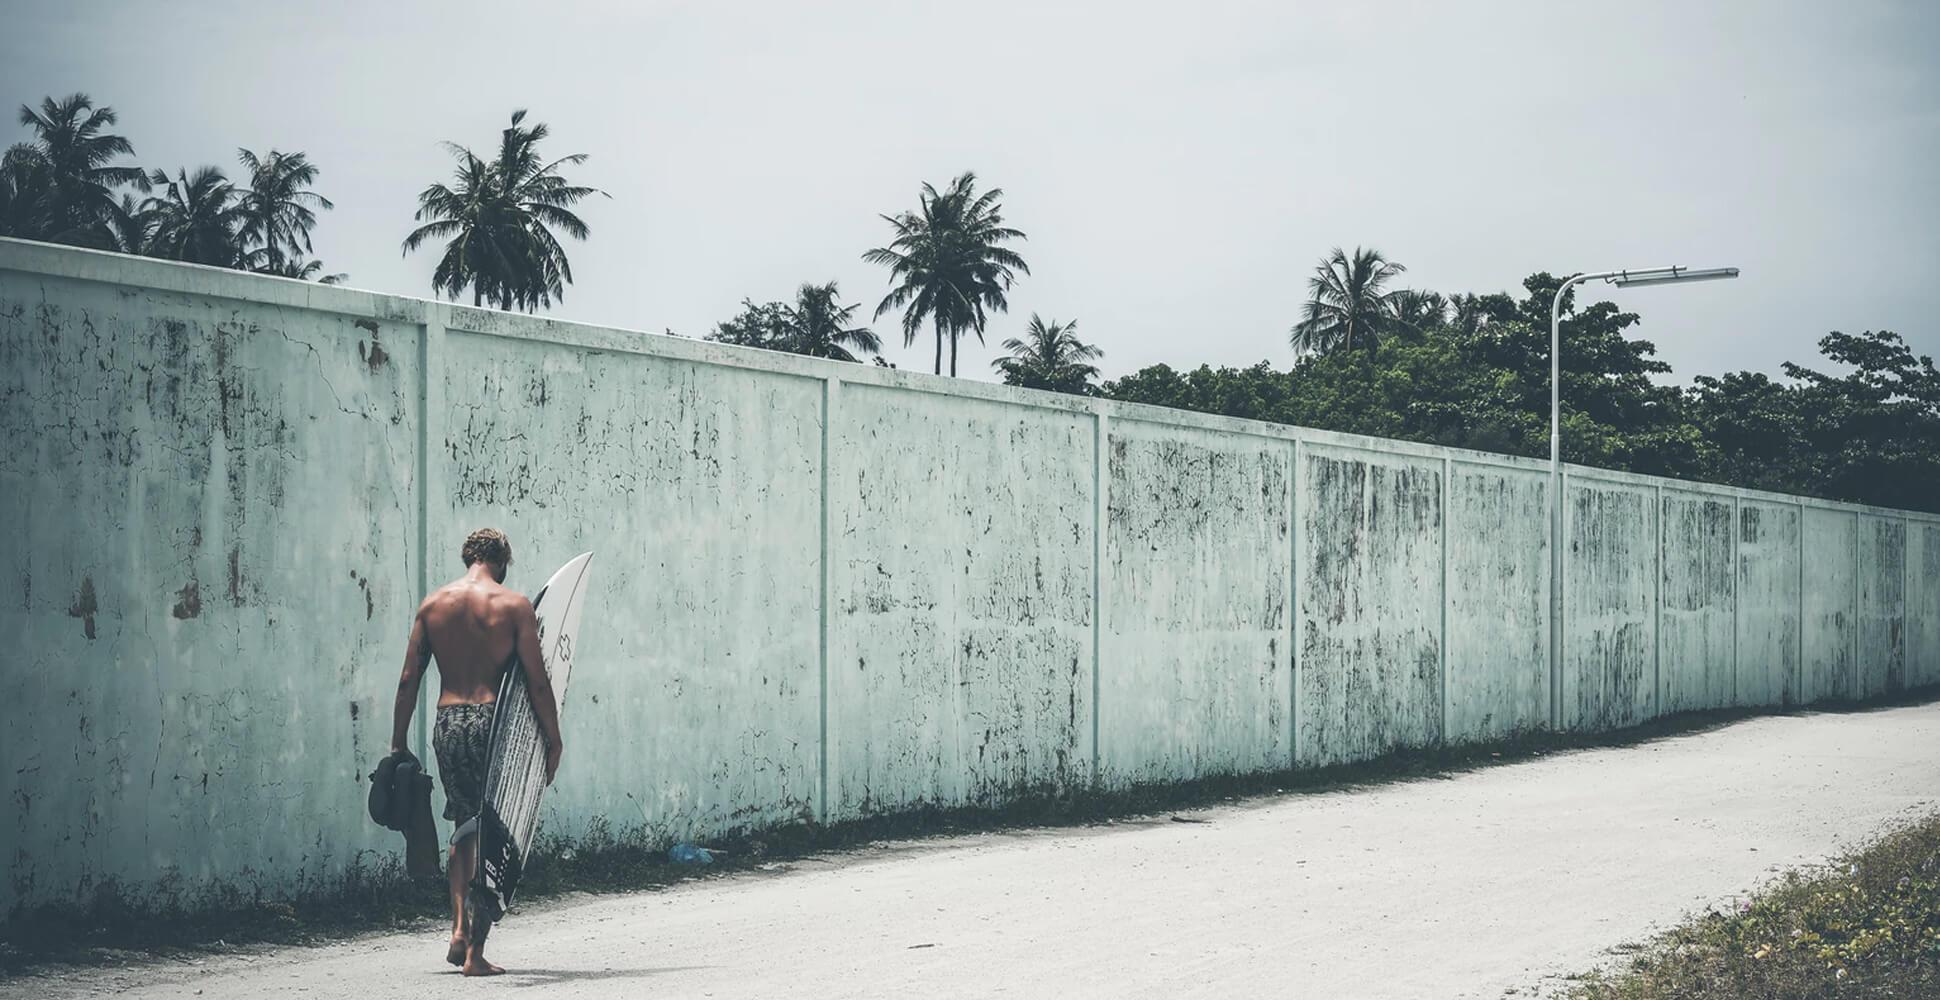 Fotografía de surfista andando con una tabla en el brazo